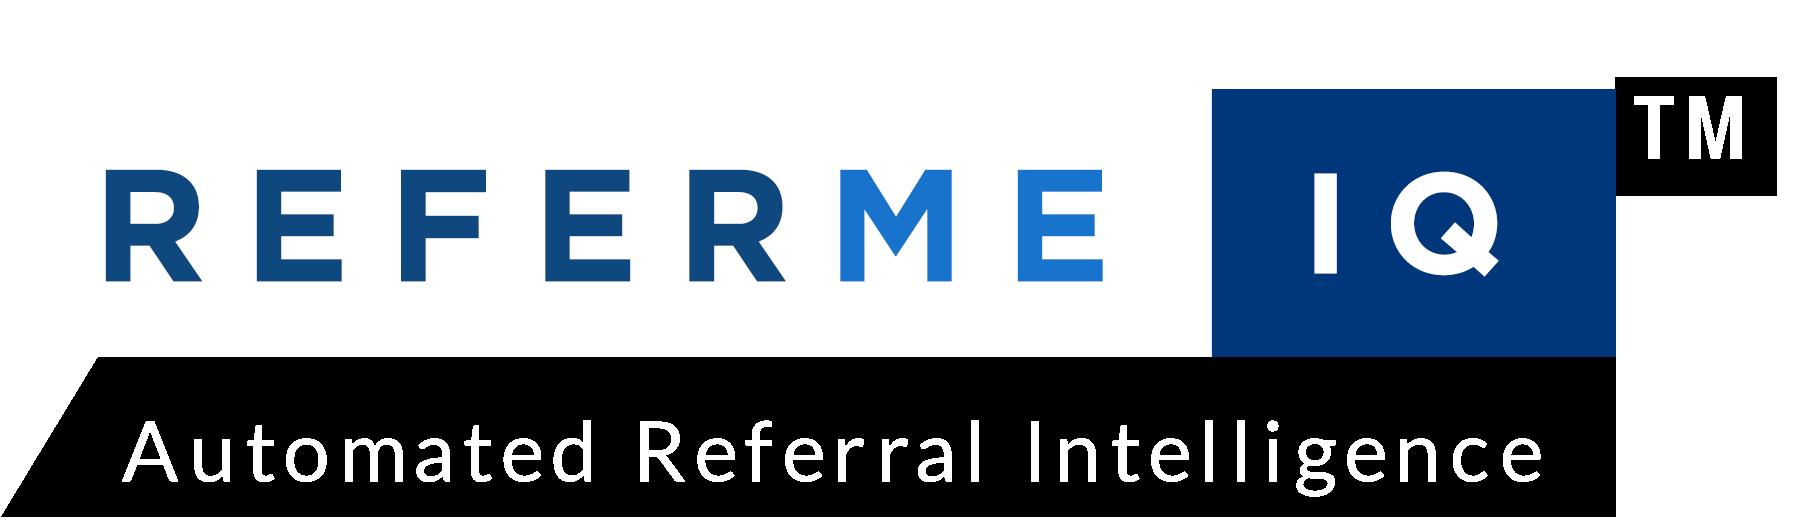 referme-logo-TM-WHITE.fw_-1